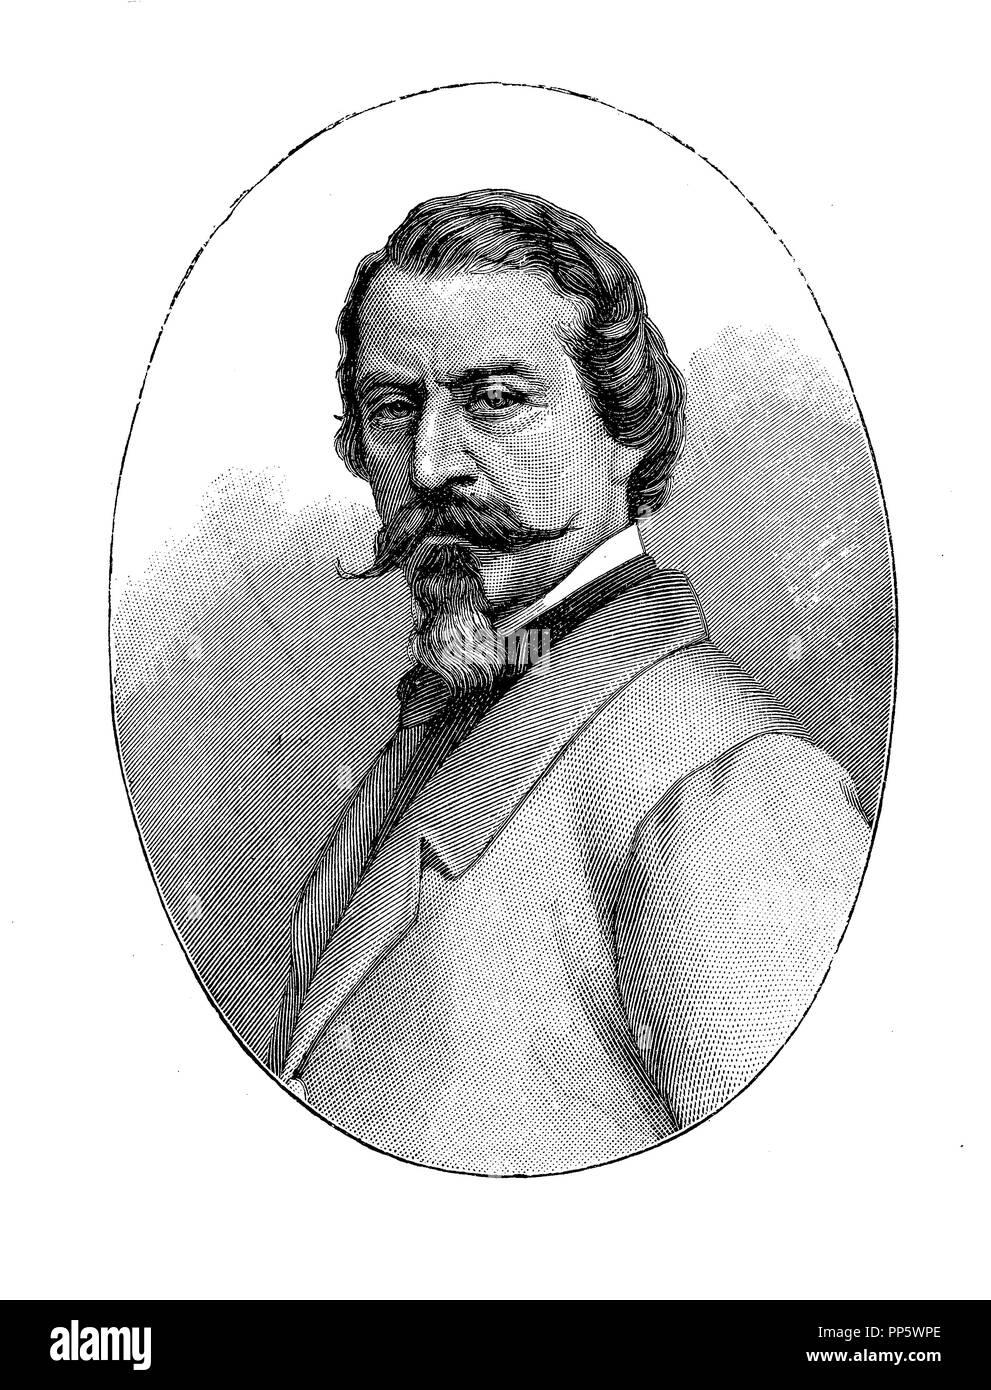 Gravur Portrait von Aleardo Aleardi (1812-1878), italienischer neo-romantischen Dichter, Mitglied des italienischen Parlaments und Professor für Ästhetik in Florenz Stockbild